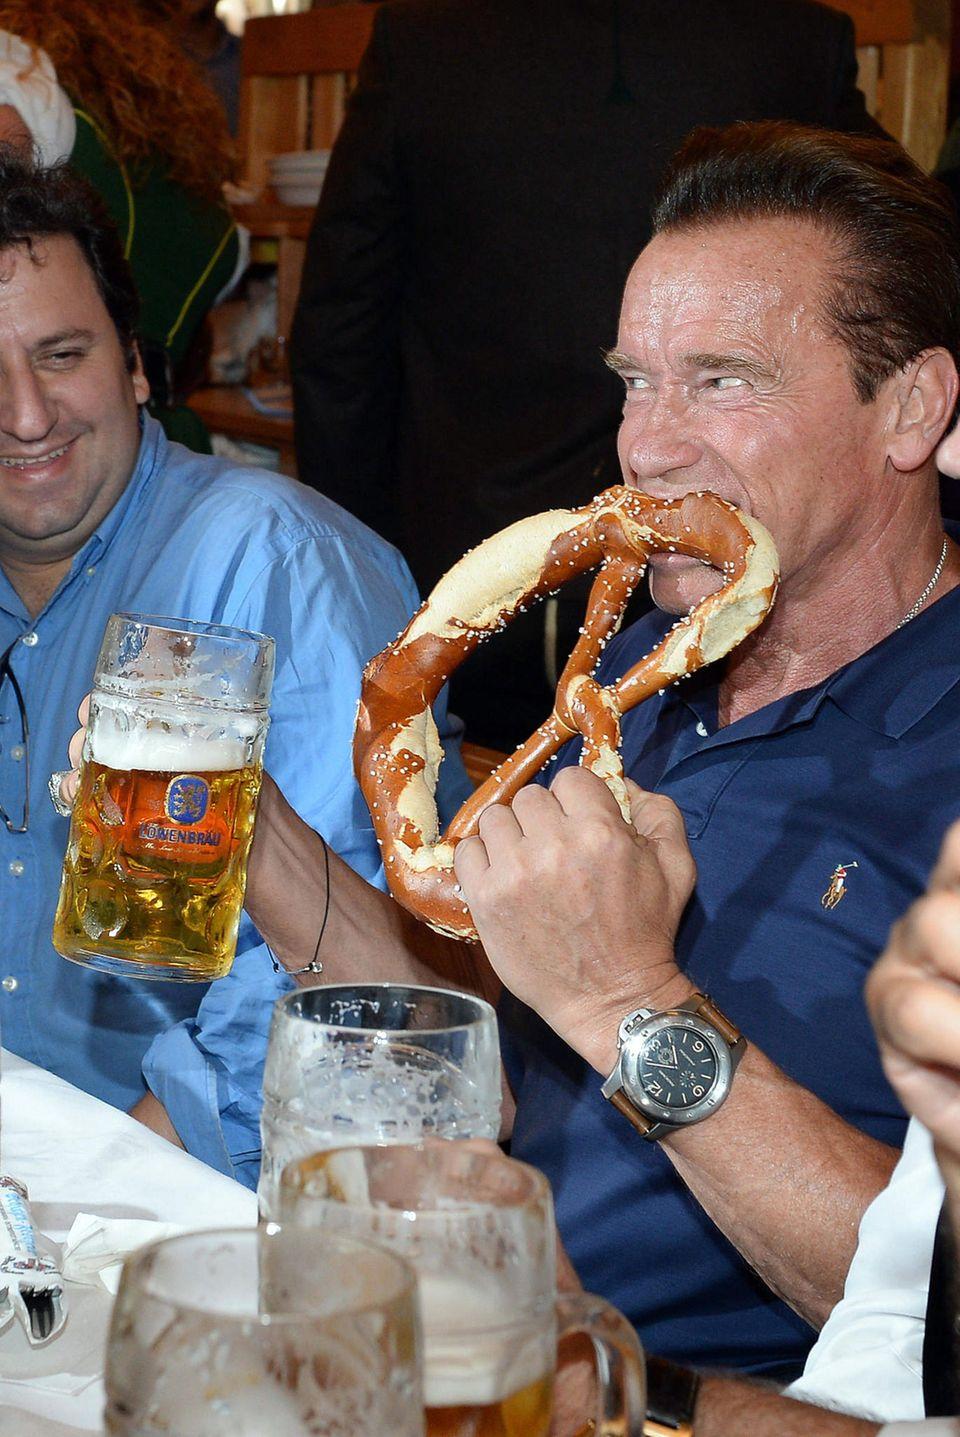 Stärkung für den Terminator: Arnold Schwarzenegger tankt nicht nur etwas Bier sondern auch neue Brezn-Kräfte.